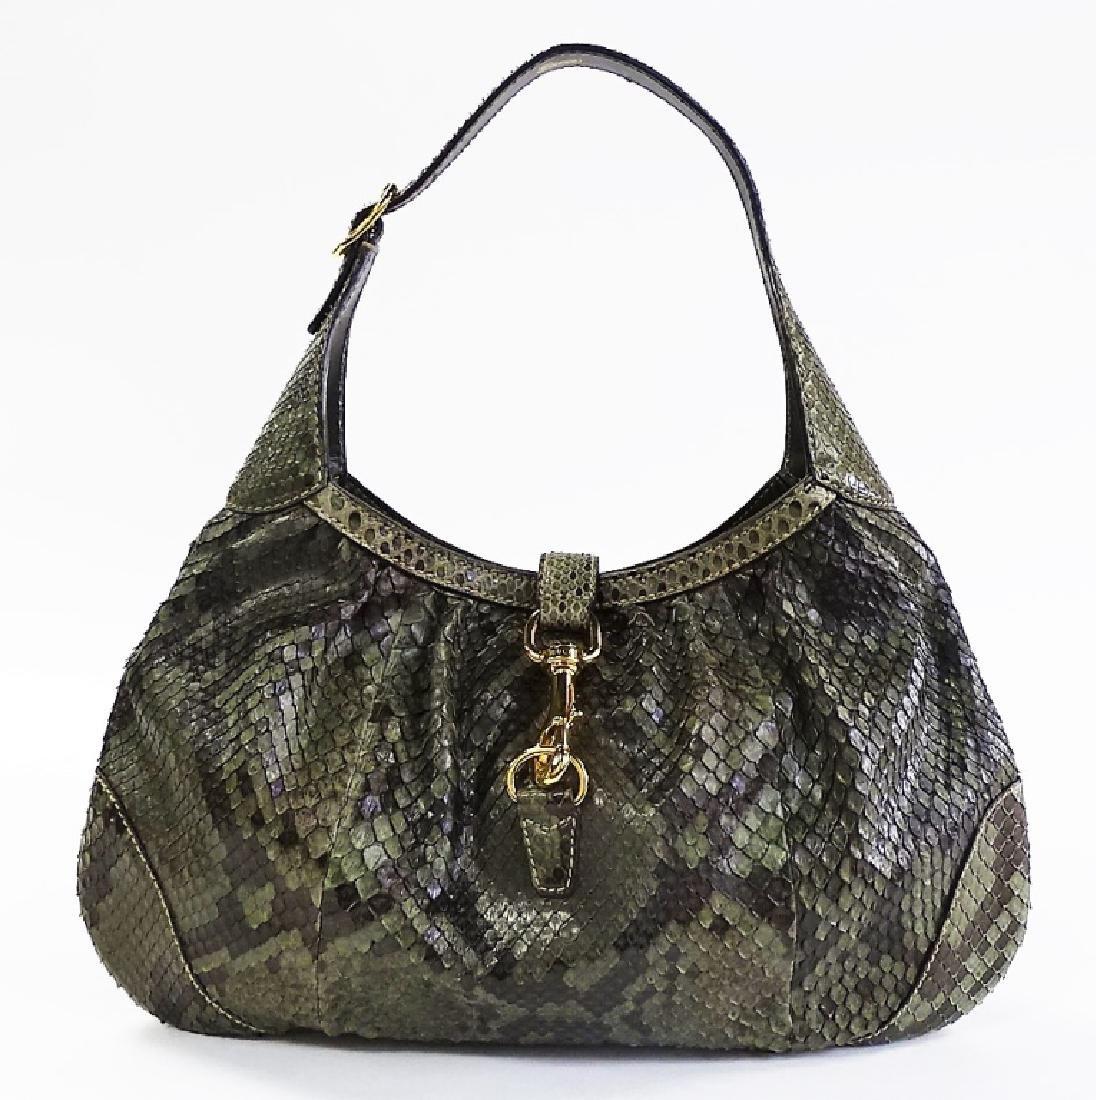 GUCCI HERITAGE JACKIE-O GREEN PYTHON SHOULDER BAG